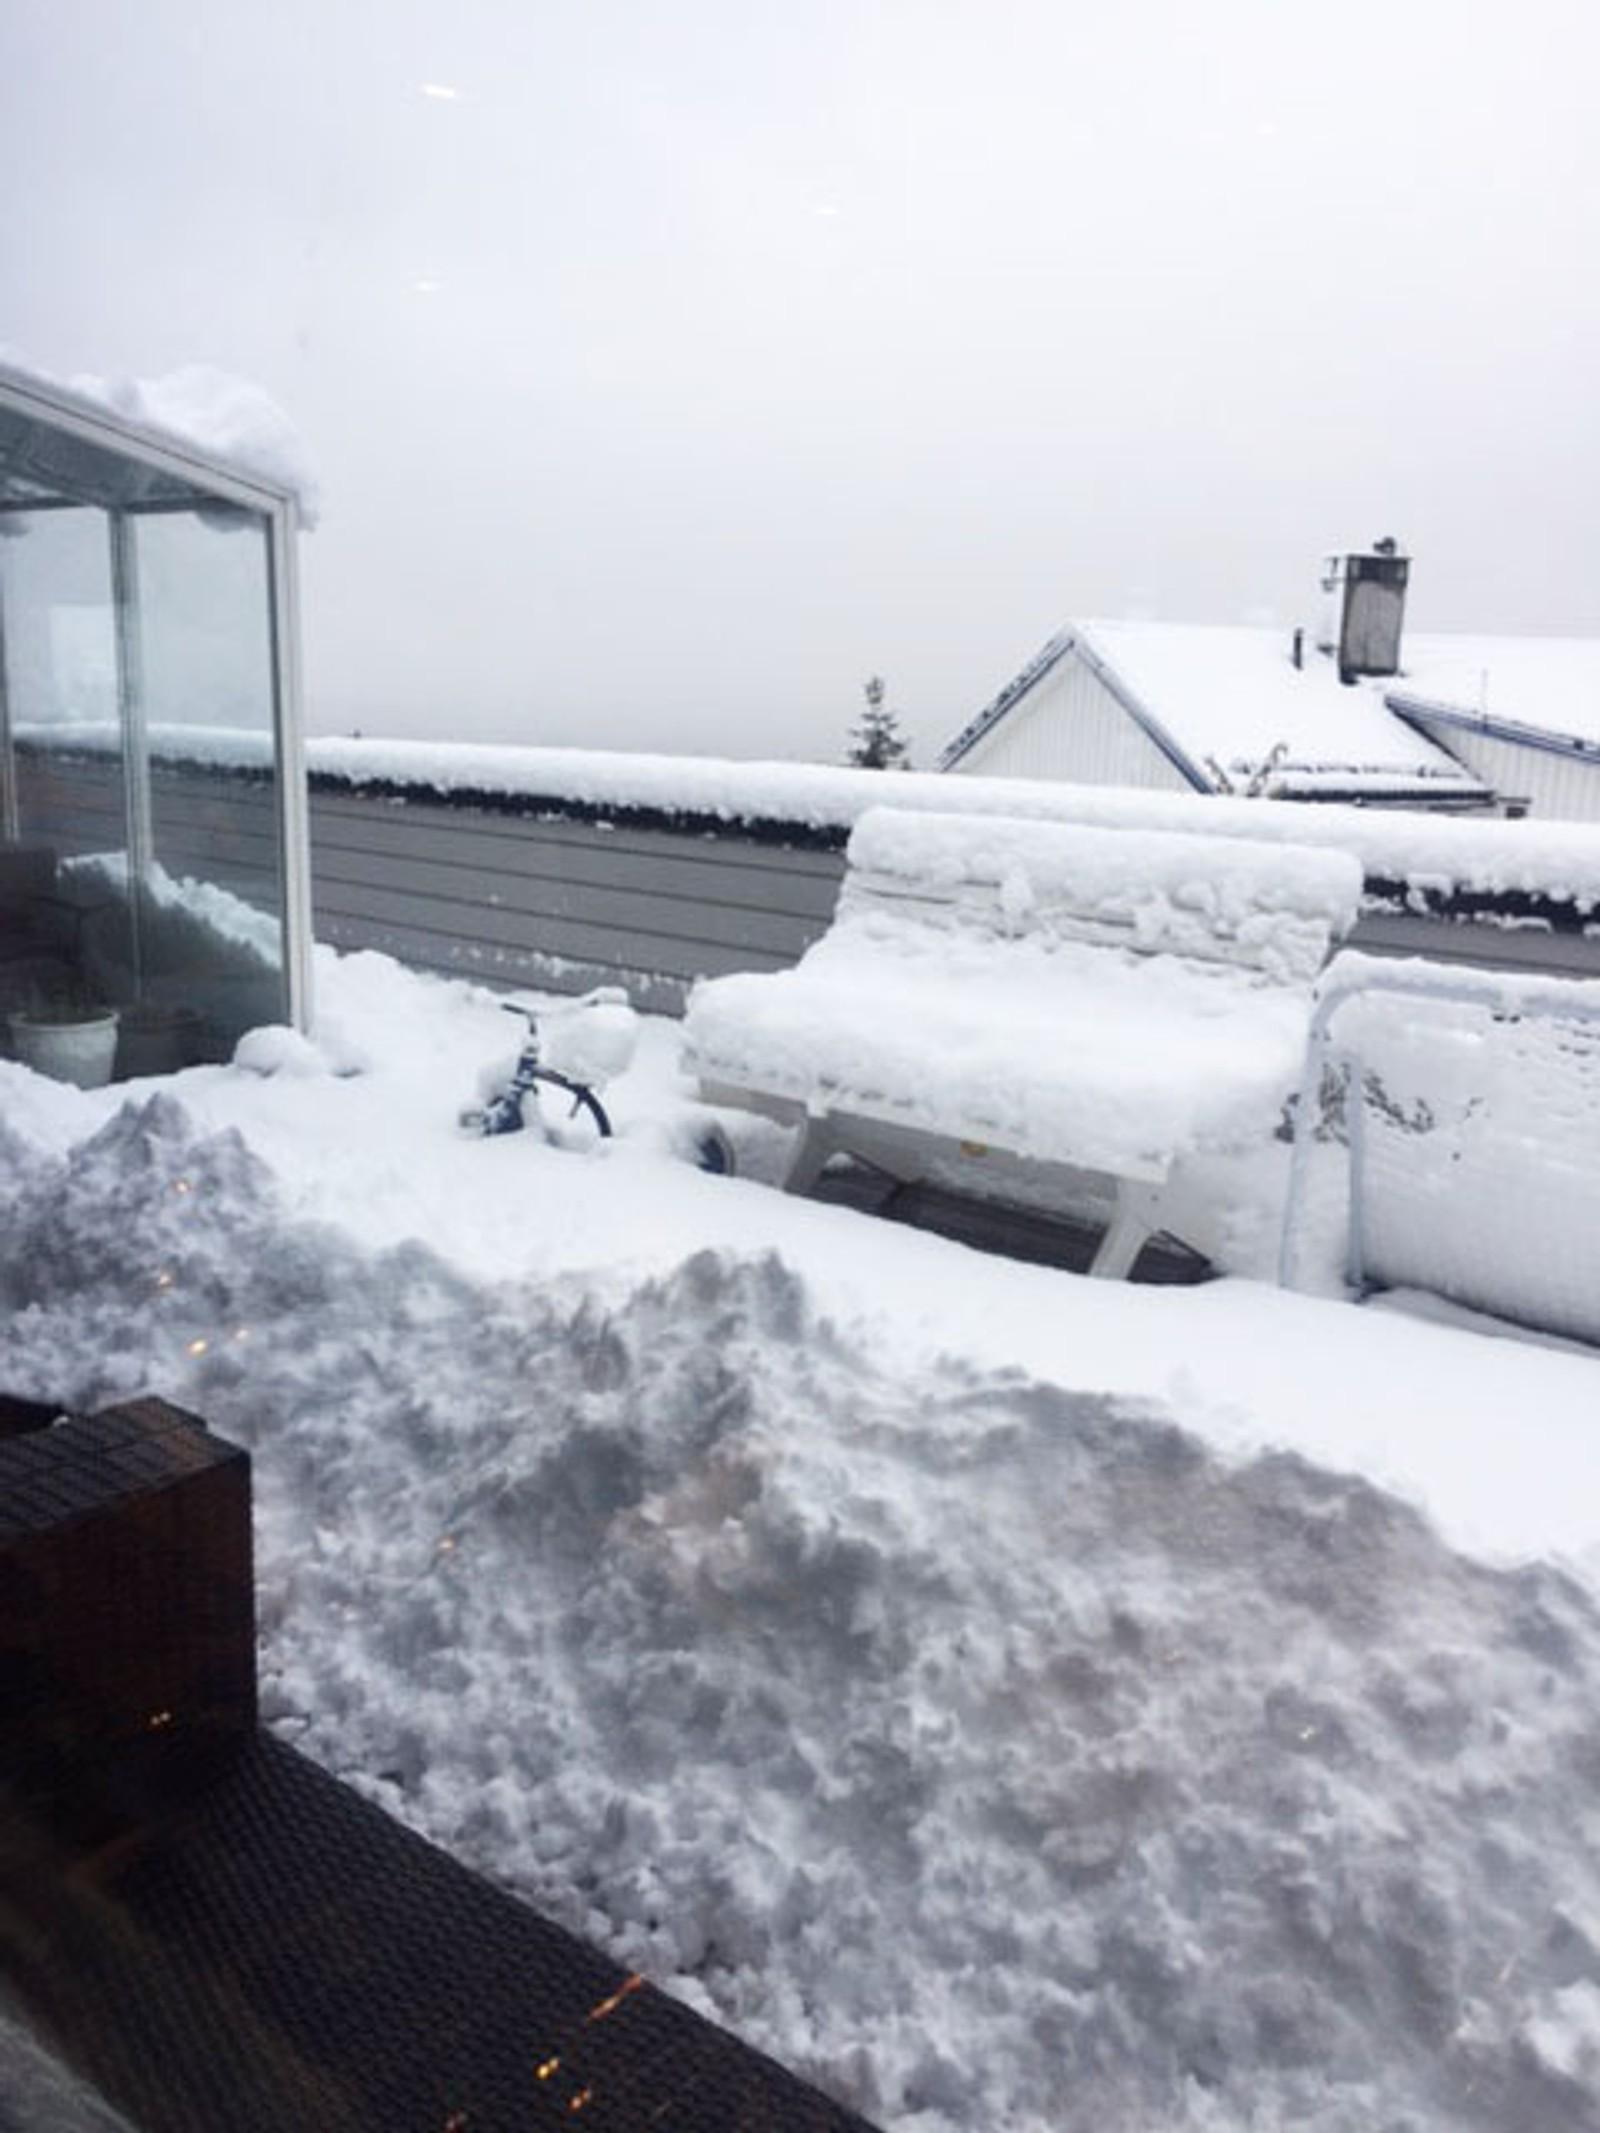 """""""Tilstandsrapport fra Midtstuen,"""" skriver innsender. """"Vi fikk snø i går som ikke smeltet, og i dag er det enda mer!"""""""